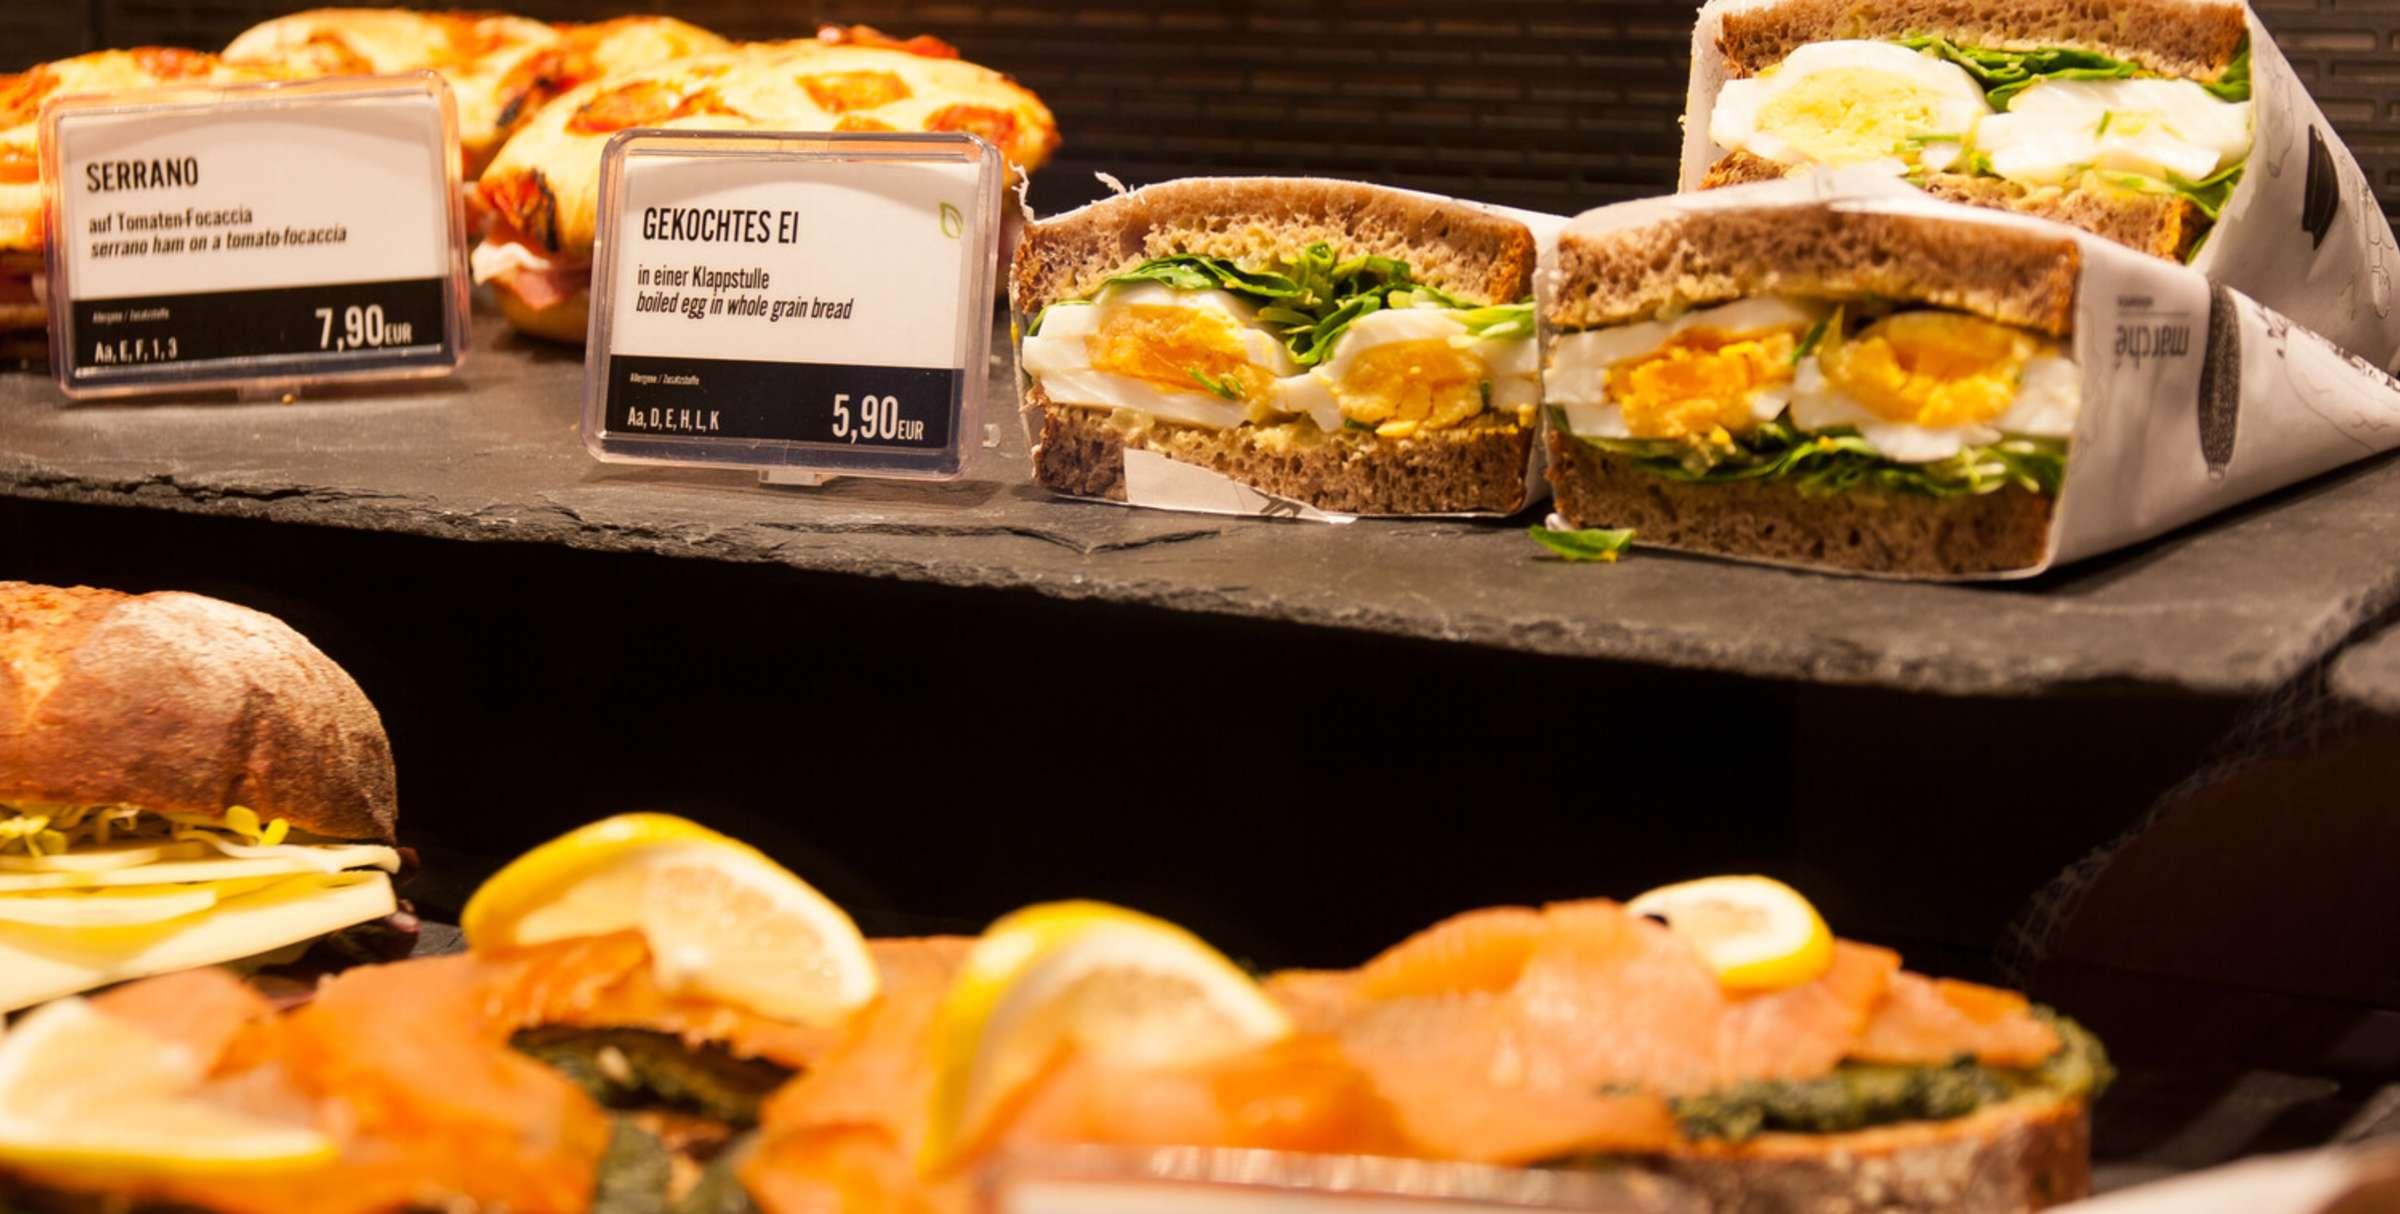 Flughafen Berlin Brandenburg, Sandwich Manufaktur